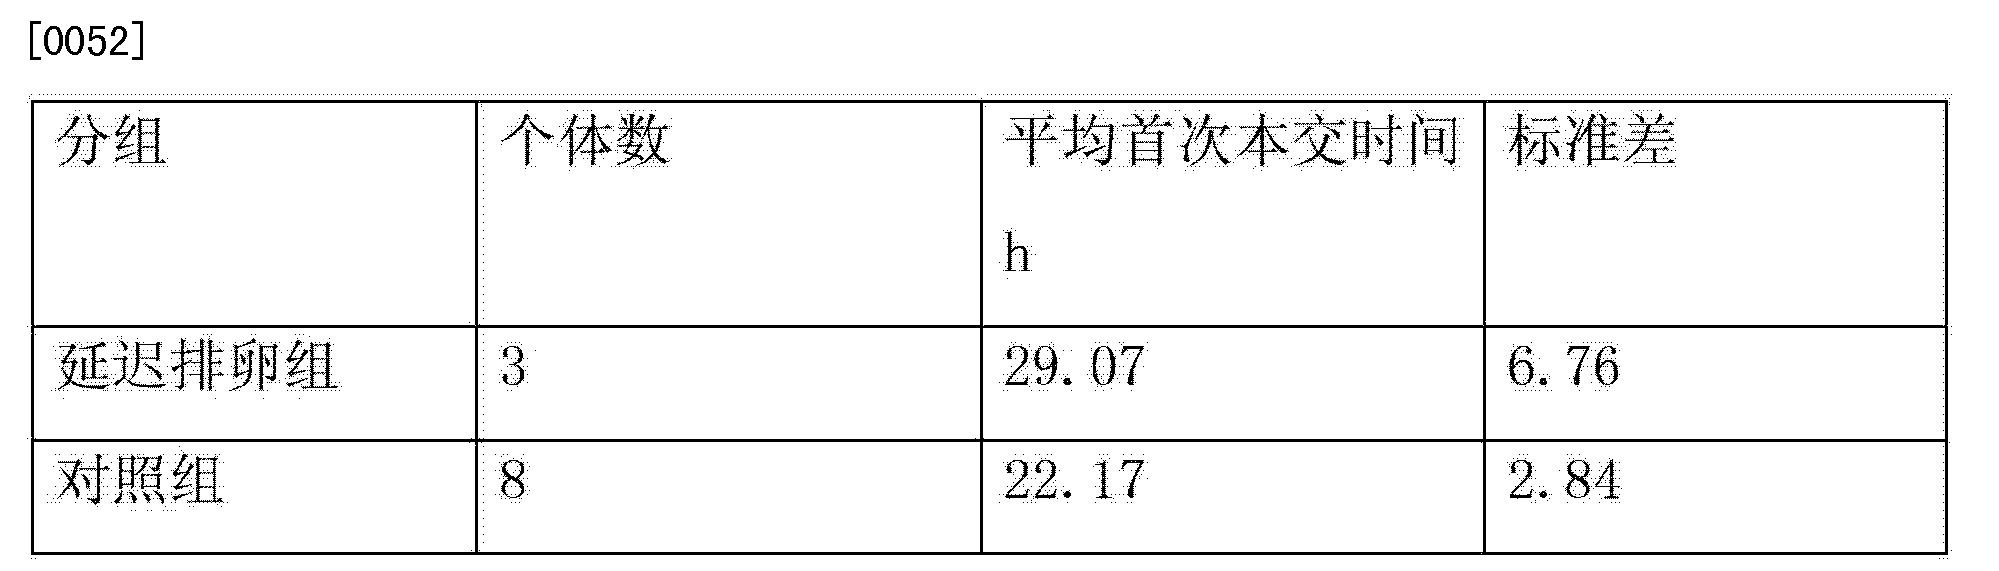 Figure CN103126728BD00091